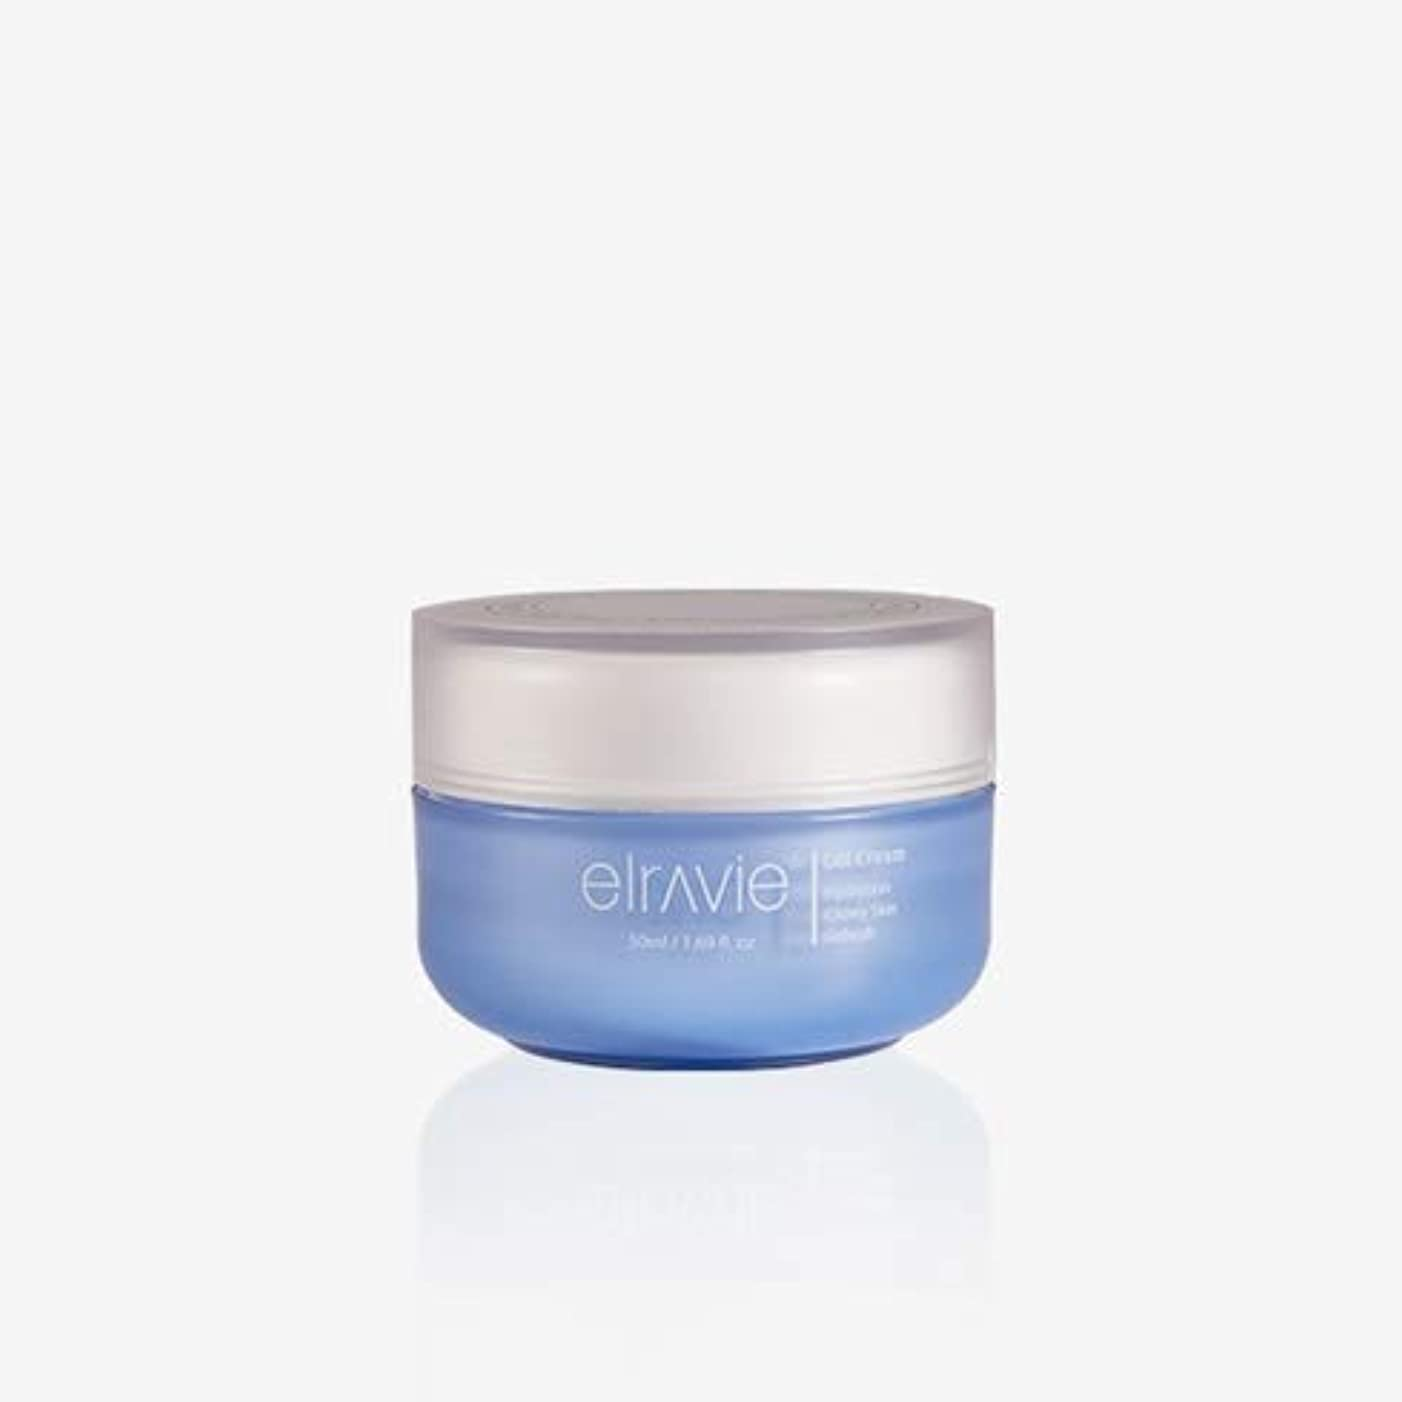 性別から聞く火炎エラヴィー[Elravie] ダーマハイドロエクステンデッドハイジェルクリーム50ml / Derma Hydro Extended Hyal Gel Cream